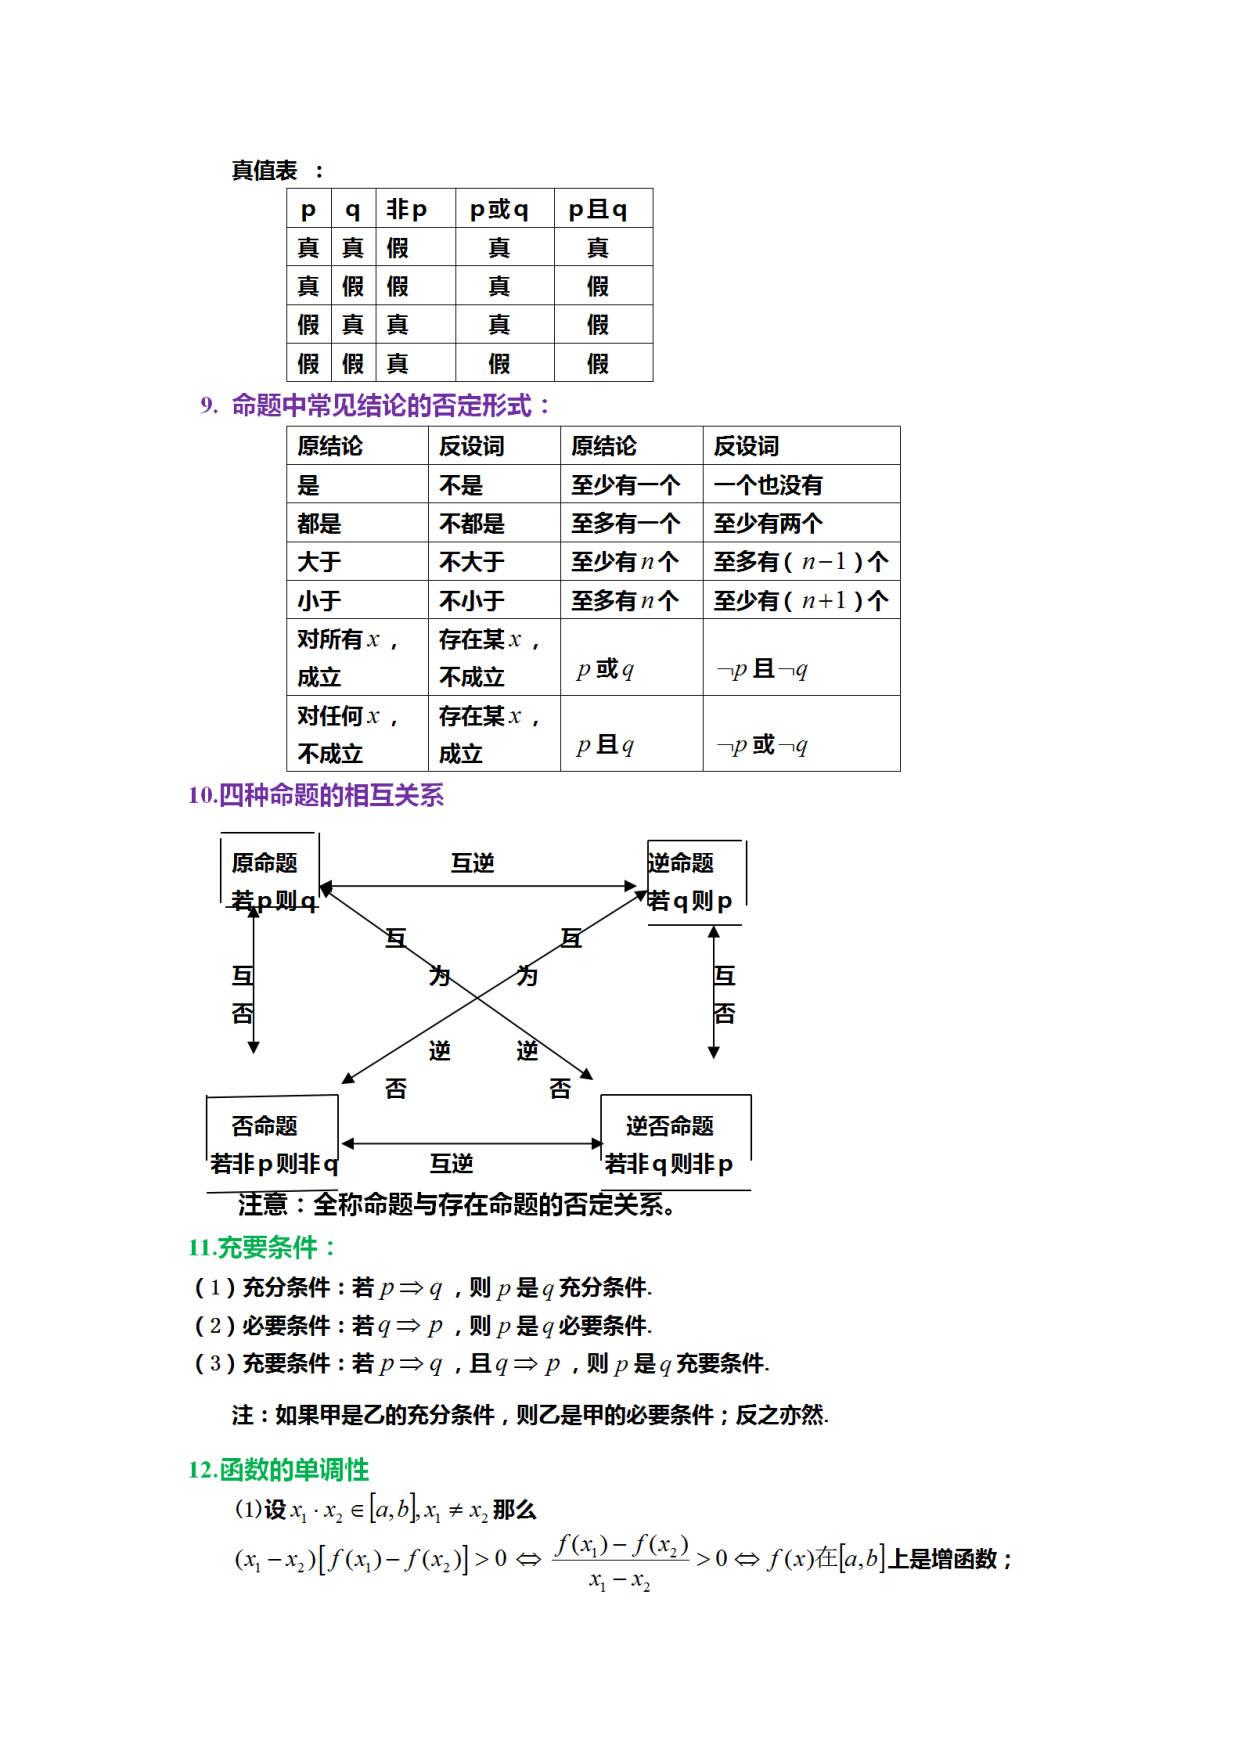 不管什么考试、出什么题,都要用到的高中数学113个公式定理!